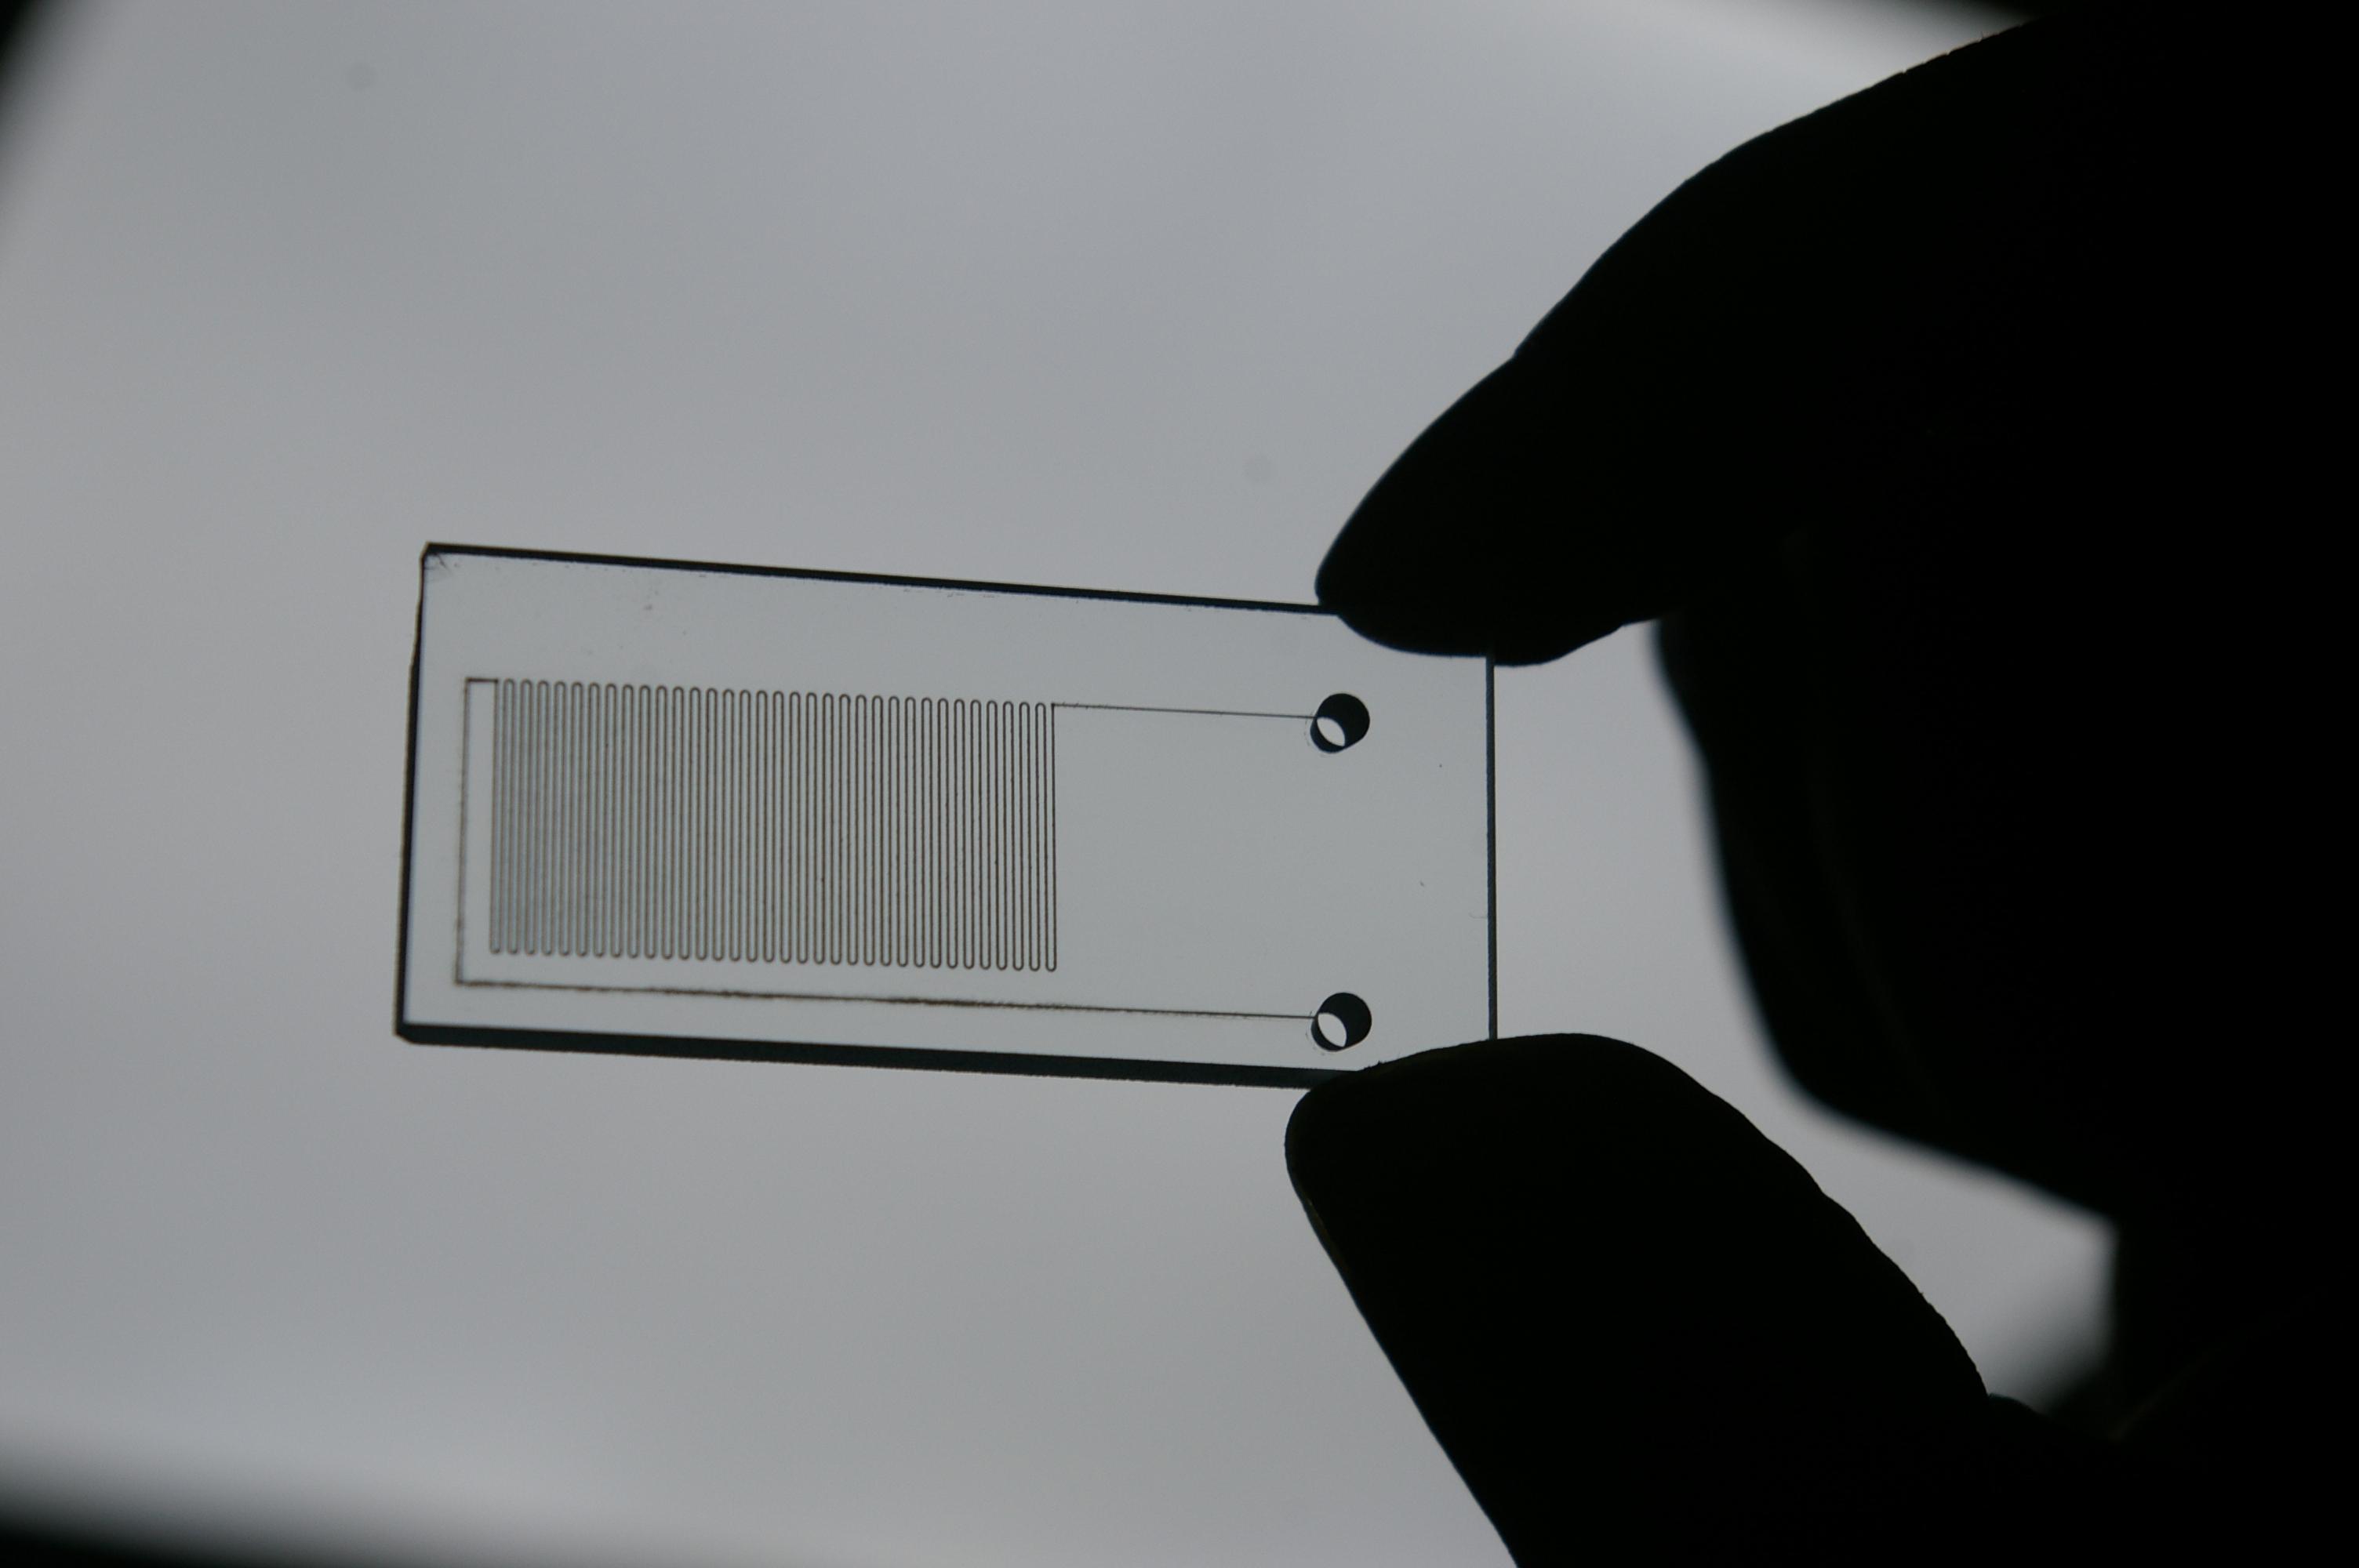 microfluids